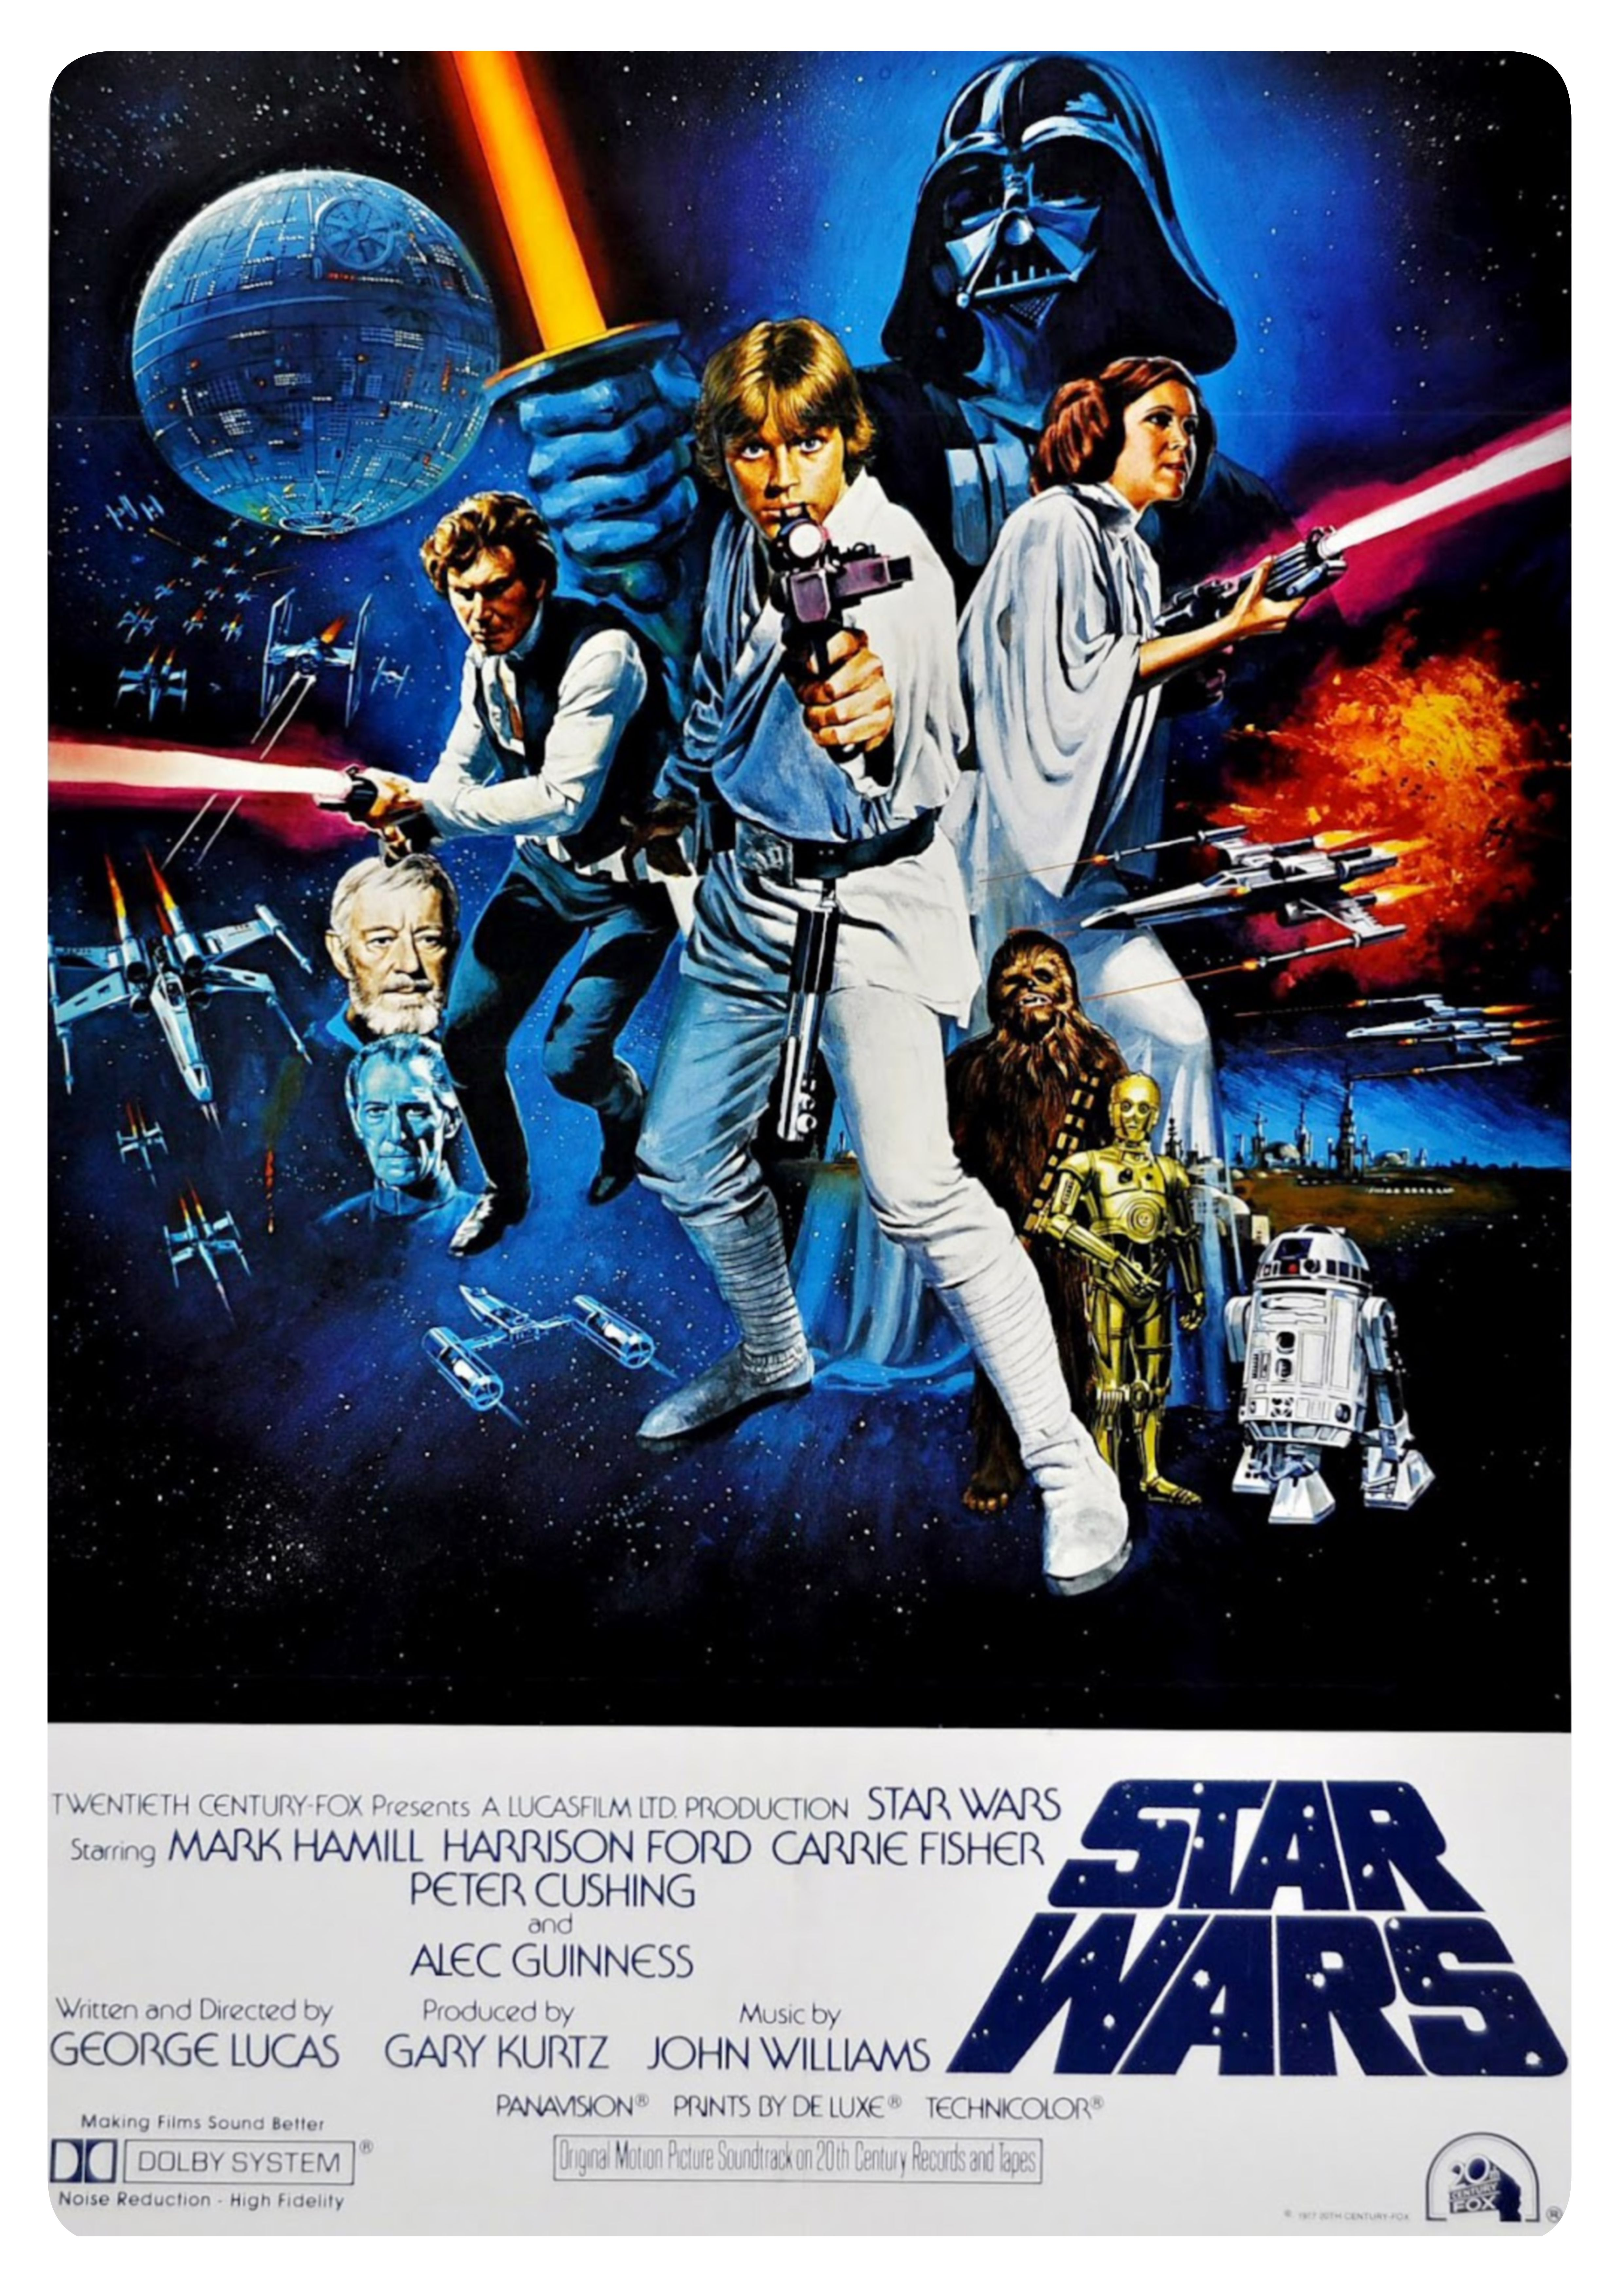 Star Wars Posters Pelicula De Star Wars Carteles De Cine Poster De Cine